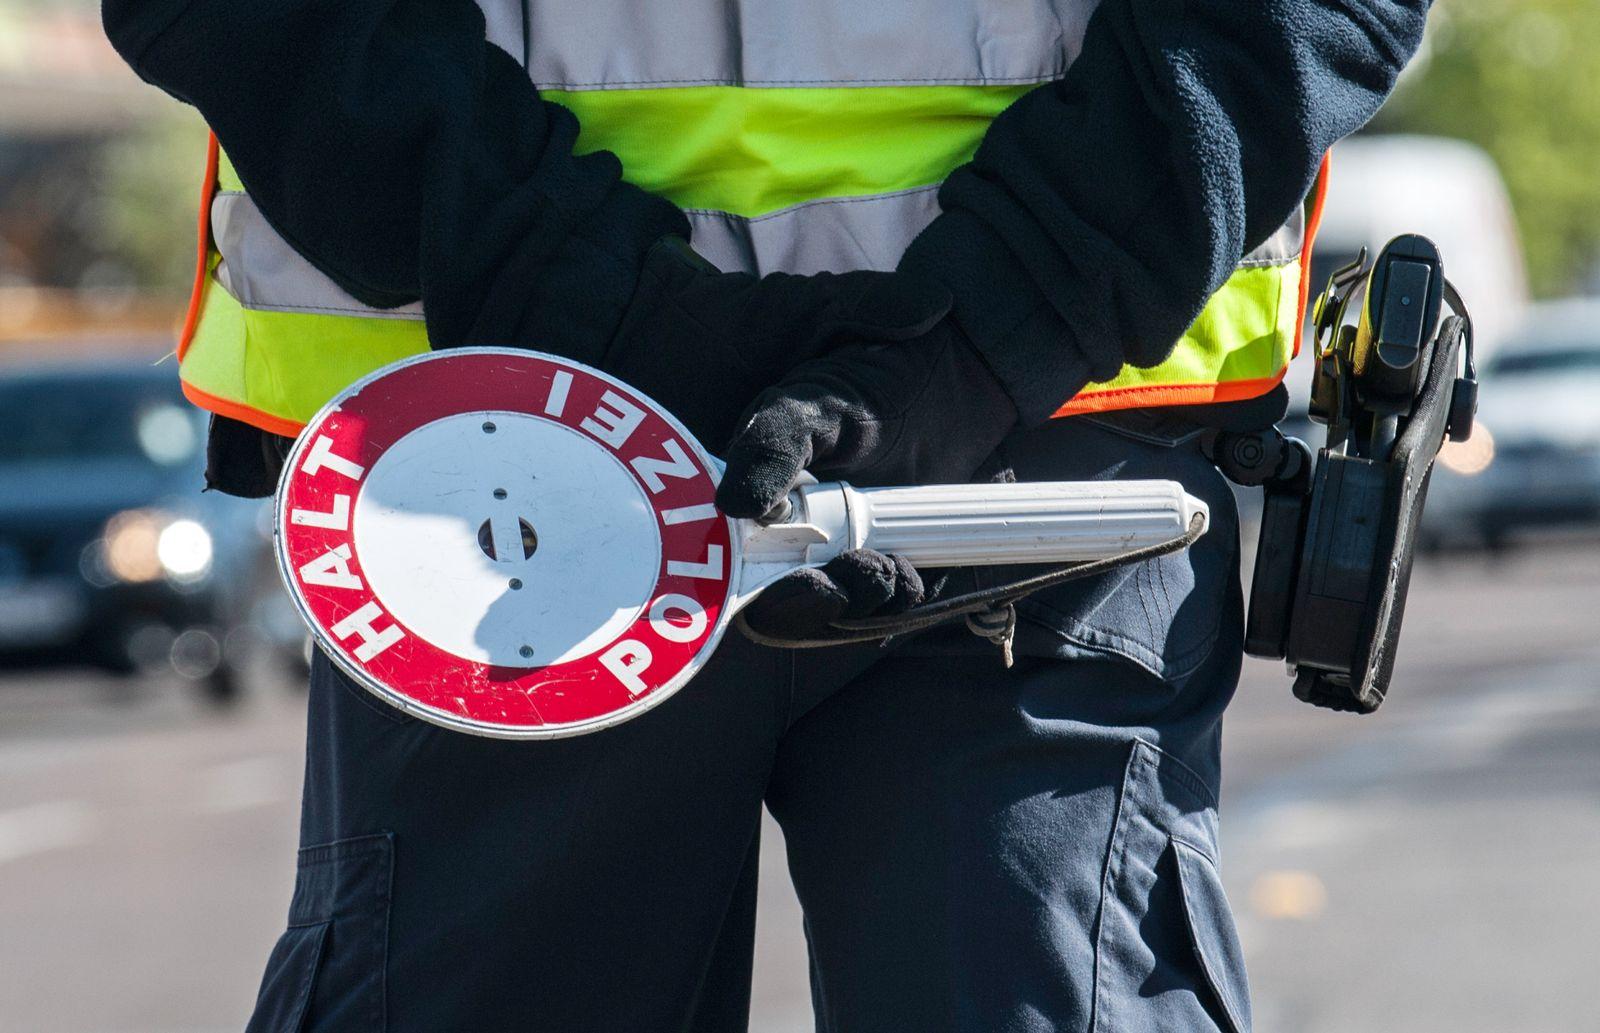 Polizeibeamter mit Kelle